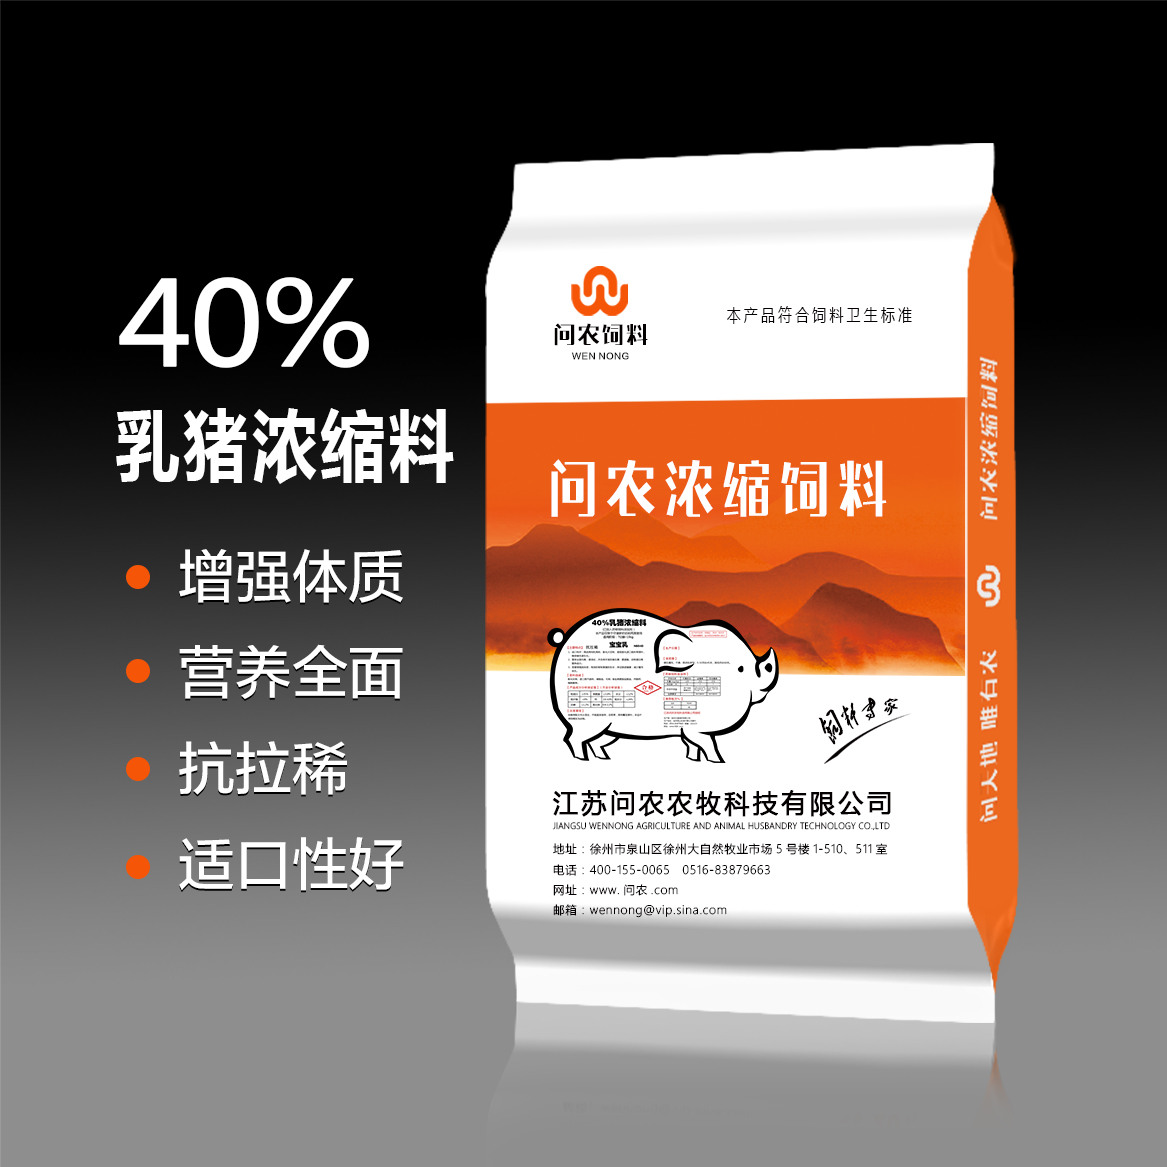 河南新乡 问农乳猪浓缩料保育饲料 营养高助消化小猪长得快